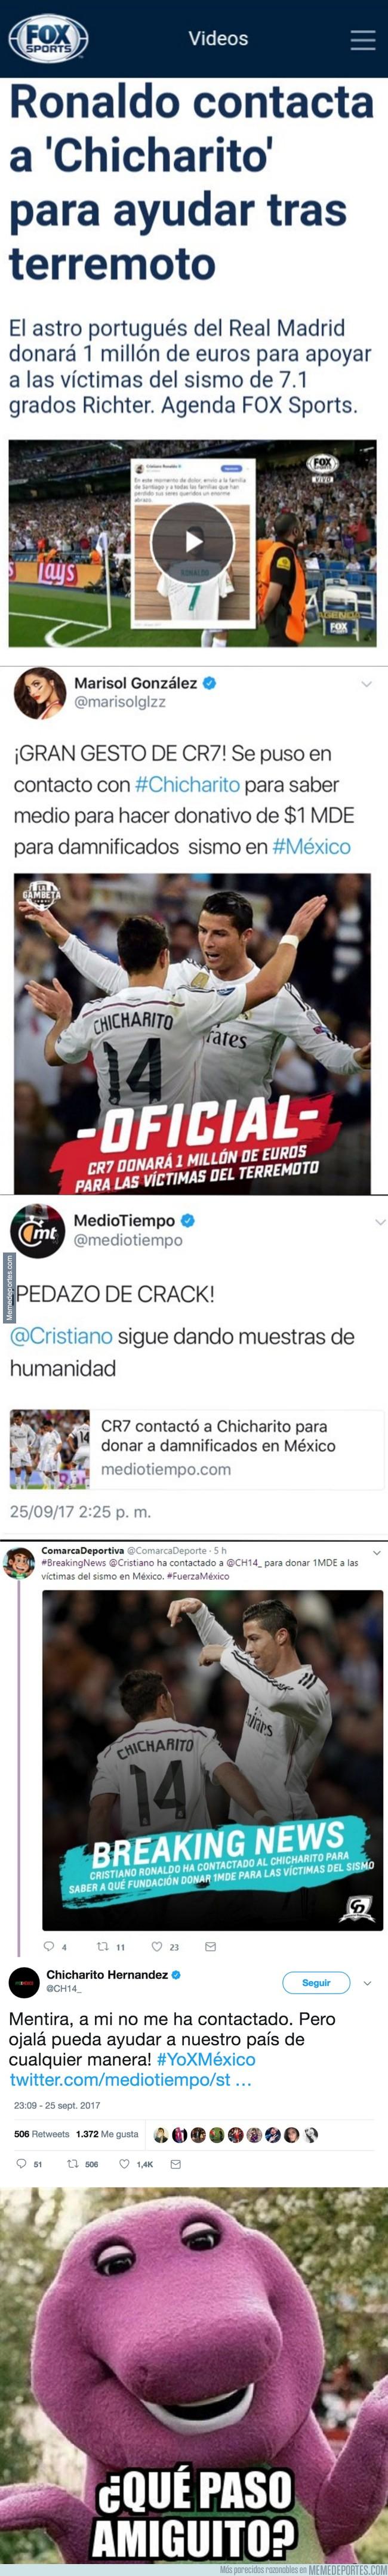 1000954 - Corre un bulo del sismo de Mexico en Twitter y uno de los protagonistas la desmiente personalmente